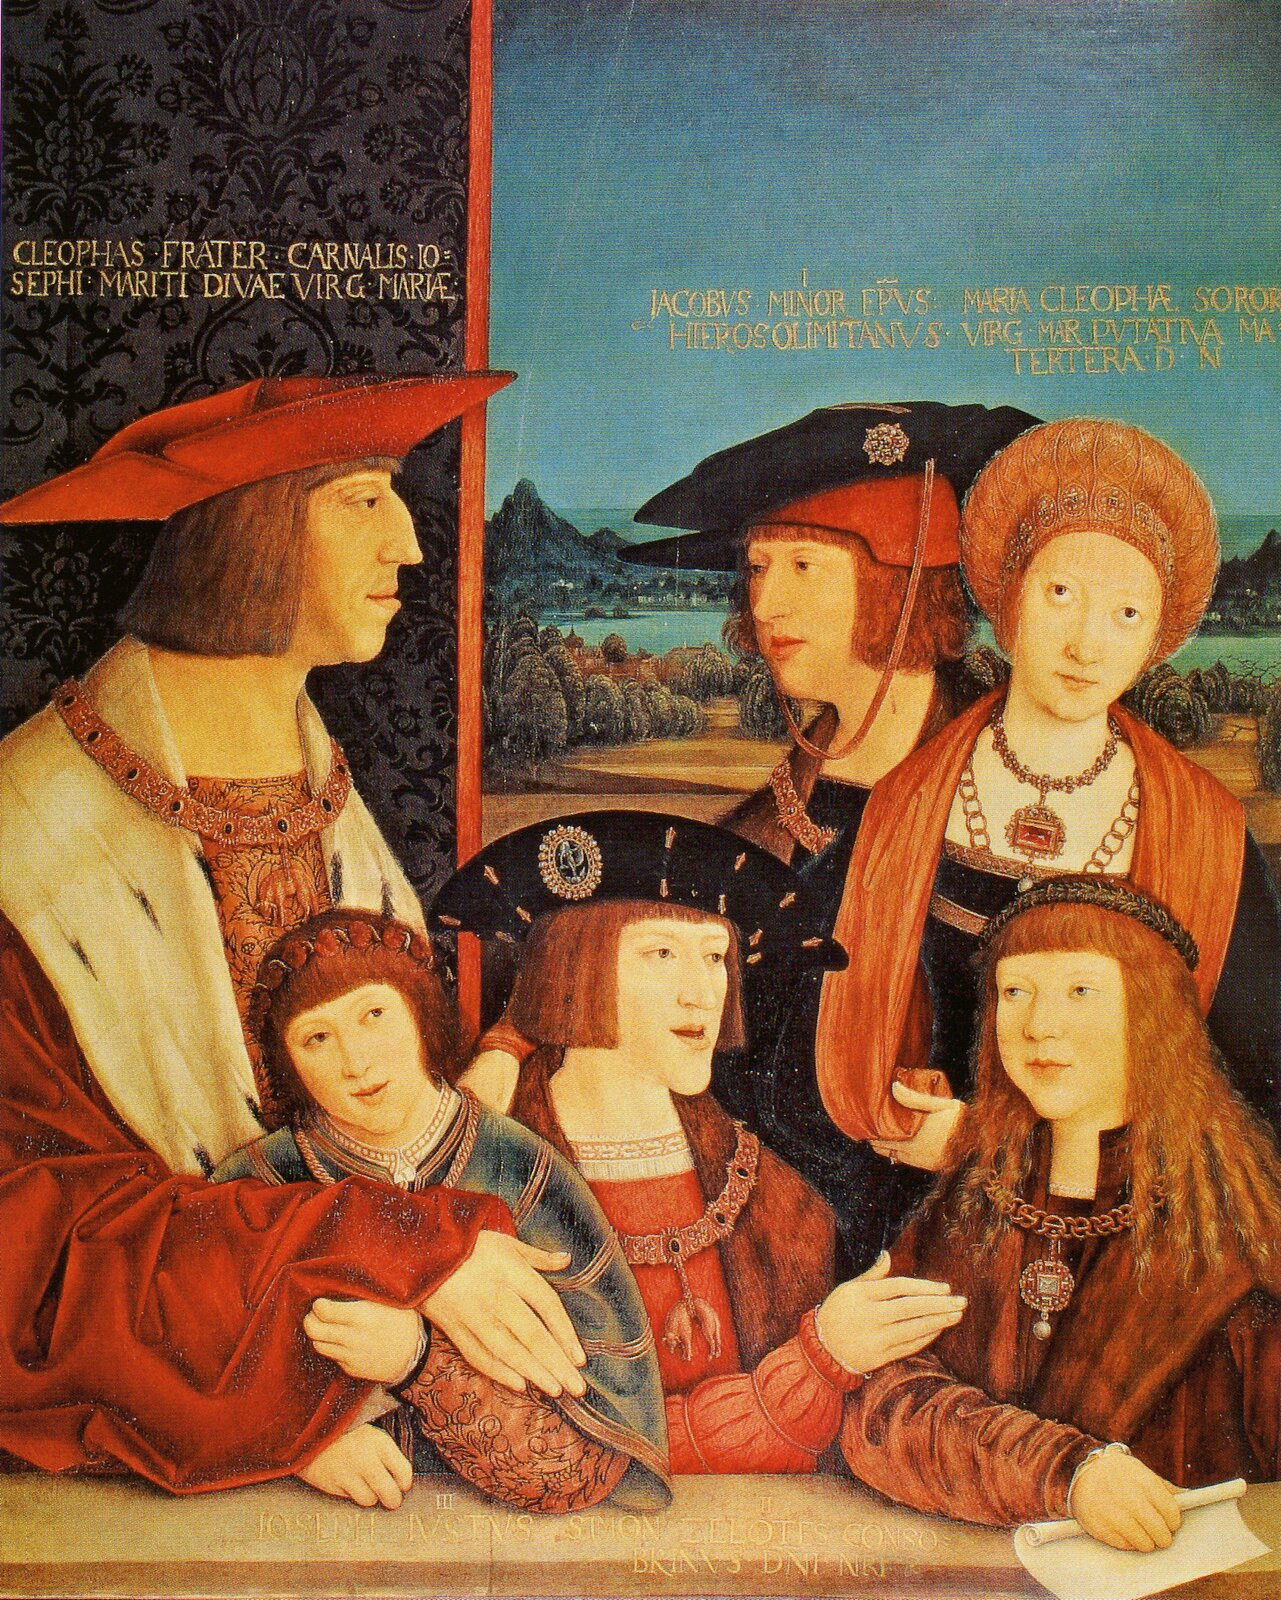 Cesarz Maksymilian Izrodziną Portret zbiorowy, powstały po 1515 roku, trafnie ukazujący habsburską politykę matrymonialną, choć przynajmniej dwie osoby na nim ukazane wpodobnej scenie nie mogłyby wziąć udziału. Wtylnym rzędzie: po lewej - cesarz Maksymilian I, po prawej - jego pierwsza żona Maria Burgundzka (w momencie tworzenia obrazu nieżyjąca już od prawie 30 lat), pośrodku - ich syn Filip IPiękny (król Kastylii, zmarł prawie 10 lat przed stworzeniem portretu). Wpierwszym rzędzie: po lewej - Ferdynand I(syn króla Kastylii Filipa IPięknego ijego żony Joanny Szalonej, przyszły król icesarz oraz mąż Anny, córki Władysława Jagiellończyka), wśrodku - jego starszy brat Karol V(przyszły cesarz), apo prawej - Ludwik Jagiellończyk, adoptowany przez cesarza Maksymiliana (przyszły władca - chociaż koronowany już wlatach 1508-09 - Czech iWęgier, atakże mąż siostry Karola iFerdynanda - Marii). Obraz powstał dla upamiętnienia odbytego 1515 roku wiedeńskiego zjazdu monarchów (Zygmunta IStarego – króla Polski iwielkiego księcia Litwy, Władysława II Jagiellończyka – króla Czech iWęgier oraz Maksymiliana IHabsburg – cesarza Świętego Cesarstwa Niemieckiego), aściślej - dla upamiętnienia decyzji opodwójnych zaślubinach: Ferdynanda zAnną Jagiellonką oraz Ludwika zMarią Habsburżanką, co wefekcie niosło połączenie domu Habsburgów iJagiellonów. Inskrypcje na obrazie zostały dodane wlatach późniejszych izawierają imiona świętych: Kleofasa, Marii Alfeuszowej, Jakuba Mniejszego Apostoła, Józefa Barsabbasa (zwanego Justusem) iSzymona Zeloty Apostoła. Źródło: Bernhard Strigel, Cesarz Maksymilian Izrodziną, po 1515, olej na drewnie świerkowym, Kunsthistorisches Museum Wien, domena publiczna.